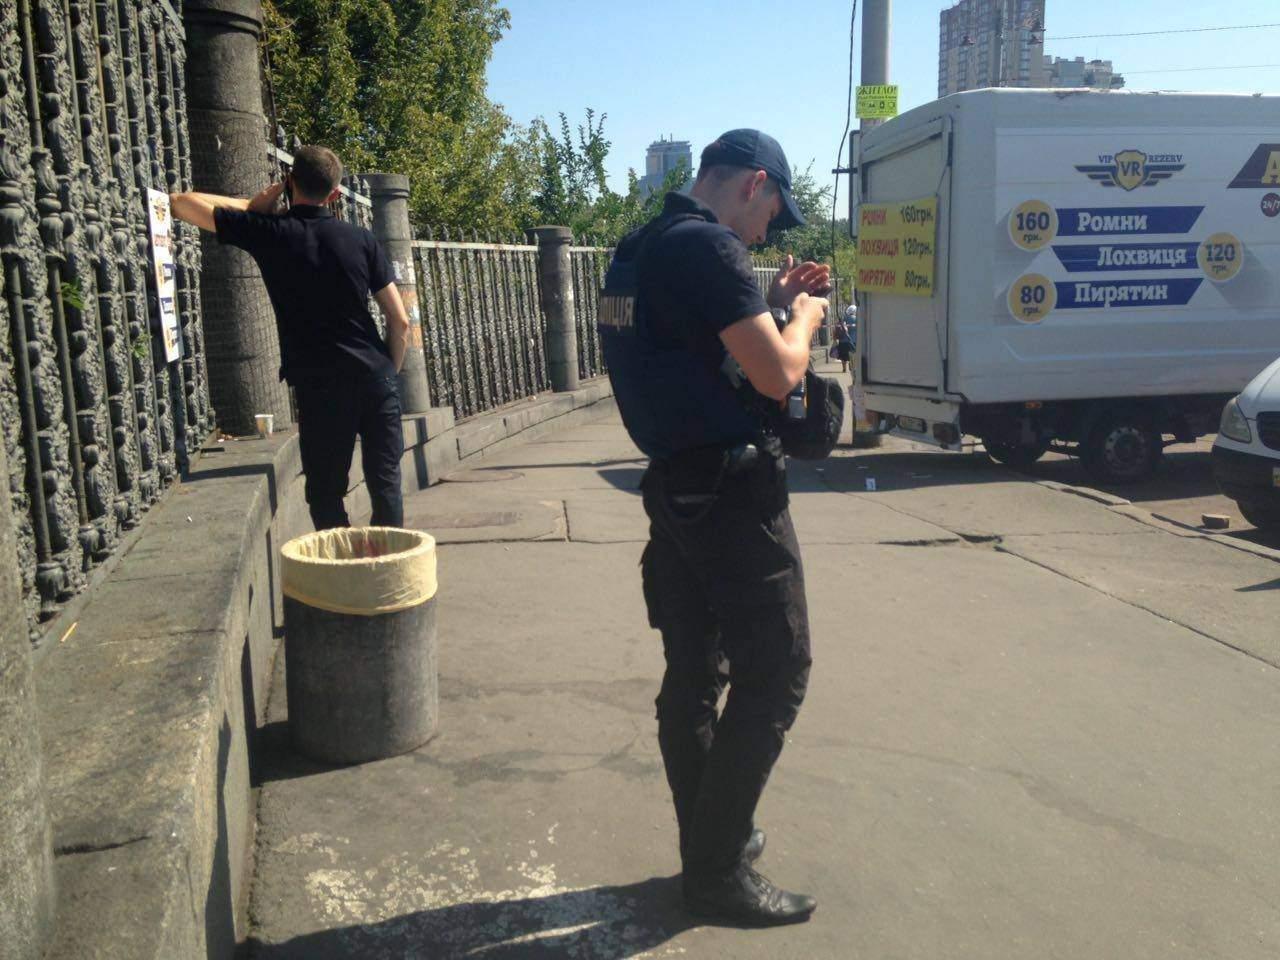 Стрельба в Киеве: В результате вооруженного конфликта пострадало 3 человека (Фото)